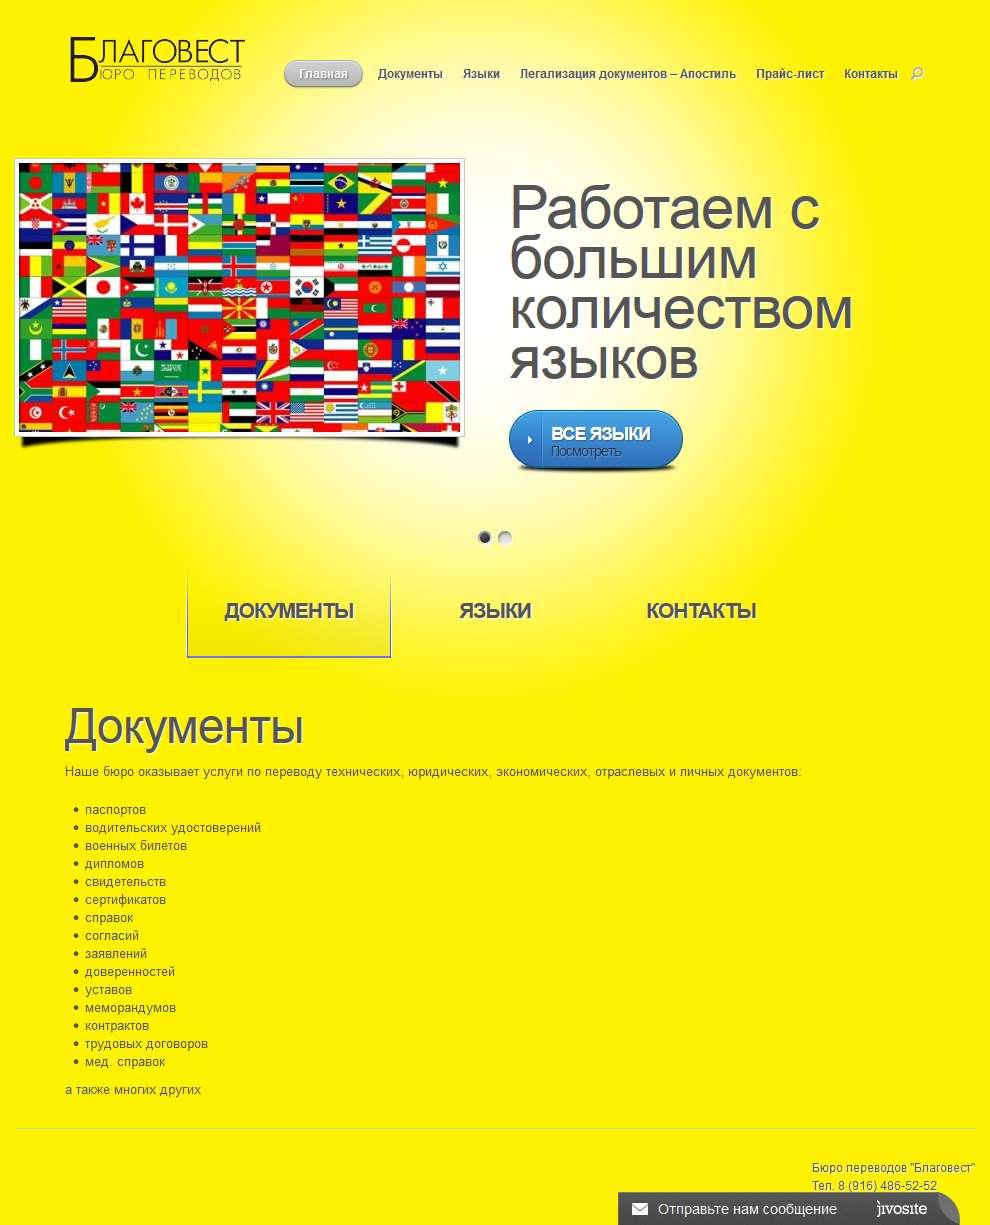 Пример сайта визитки - бюро переводов - главная страница